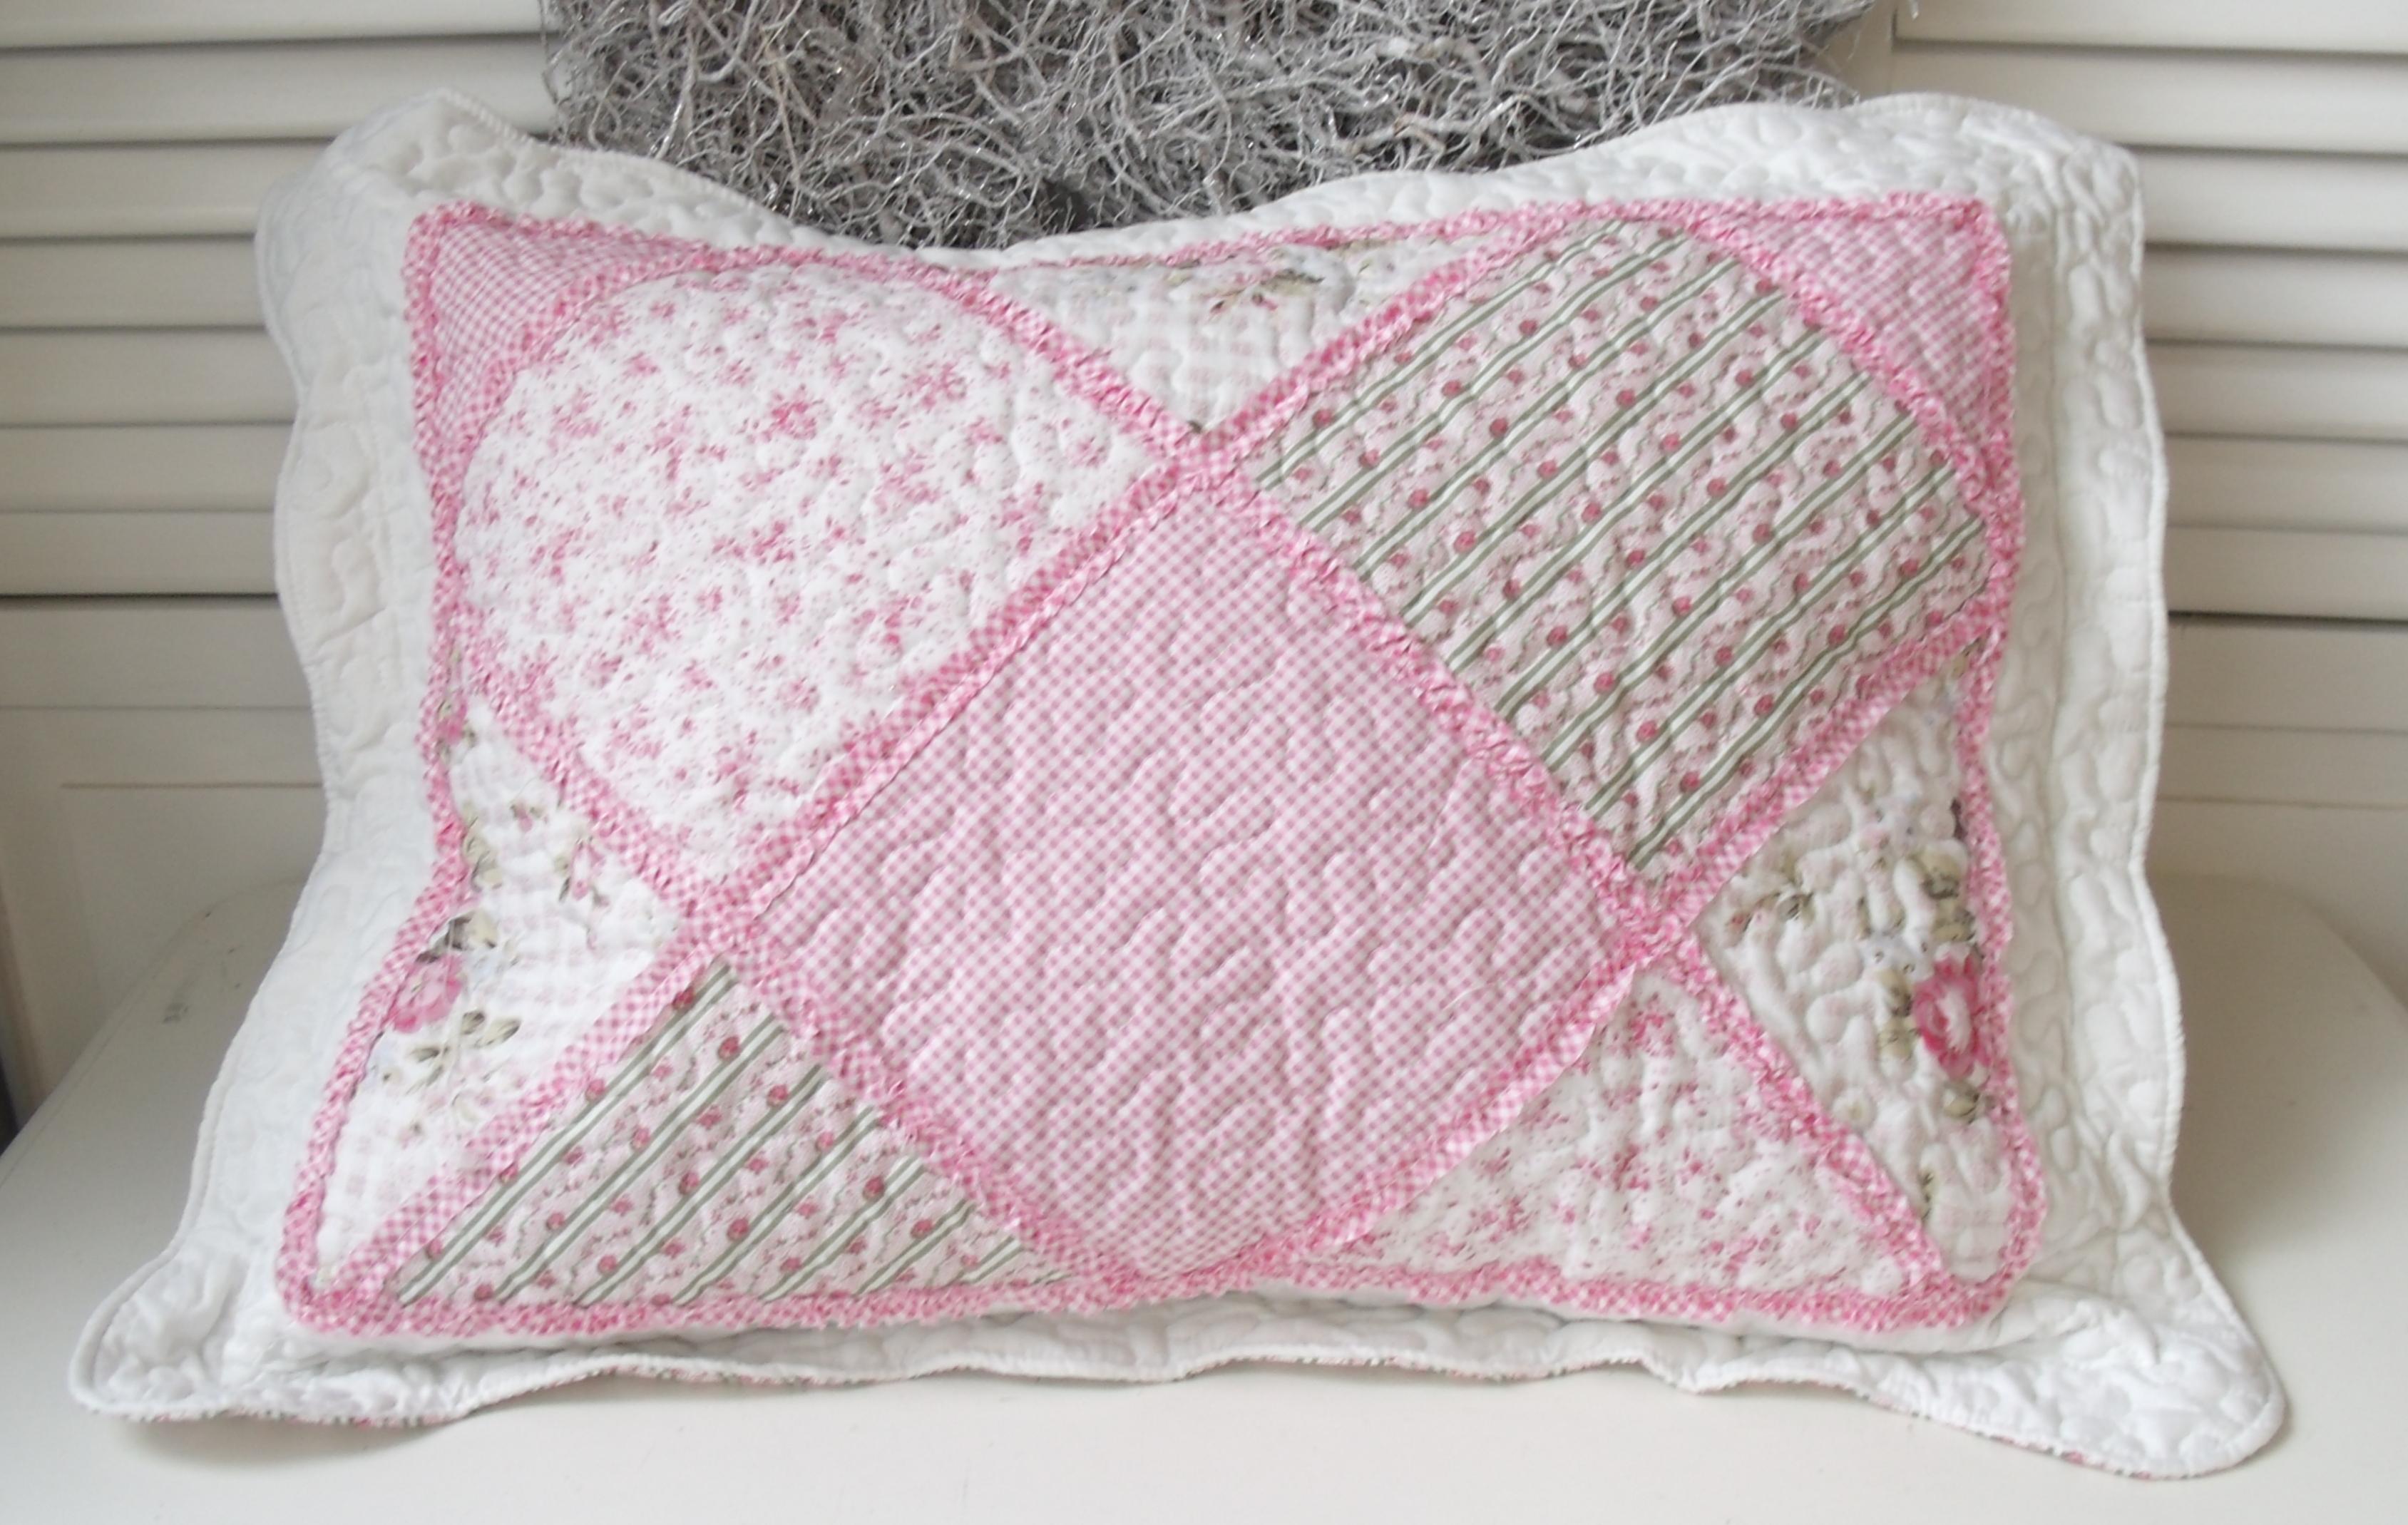 kissen rosie mit inlett 50x70 cm deko blumen floral kissen mit inlett kissen zauberhafter. Black Bedroom Furniture Sets. Home Design Ideas